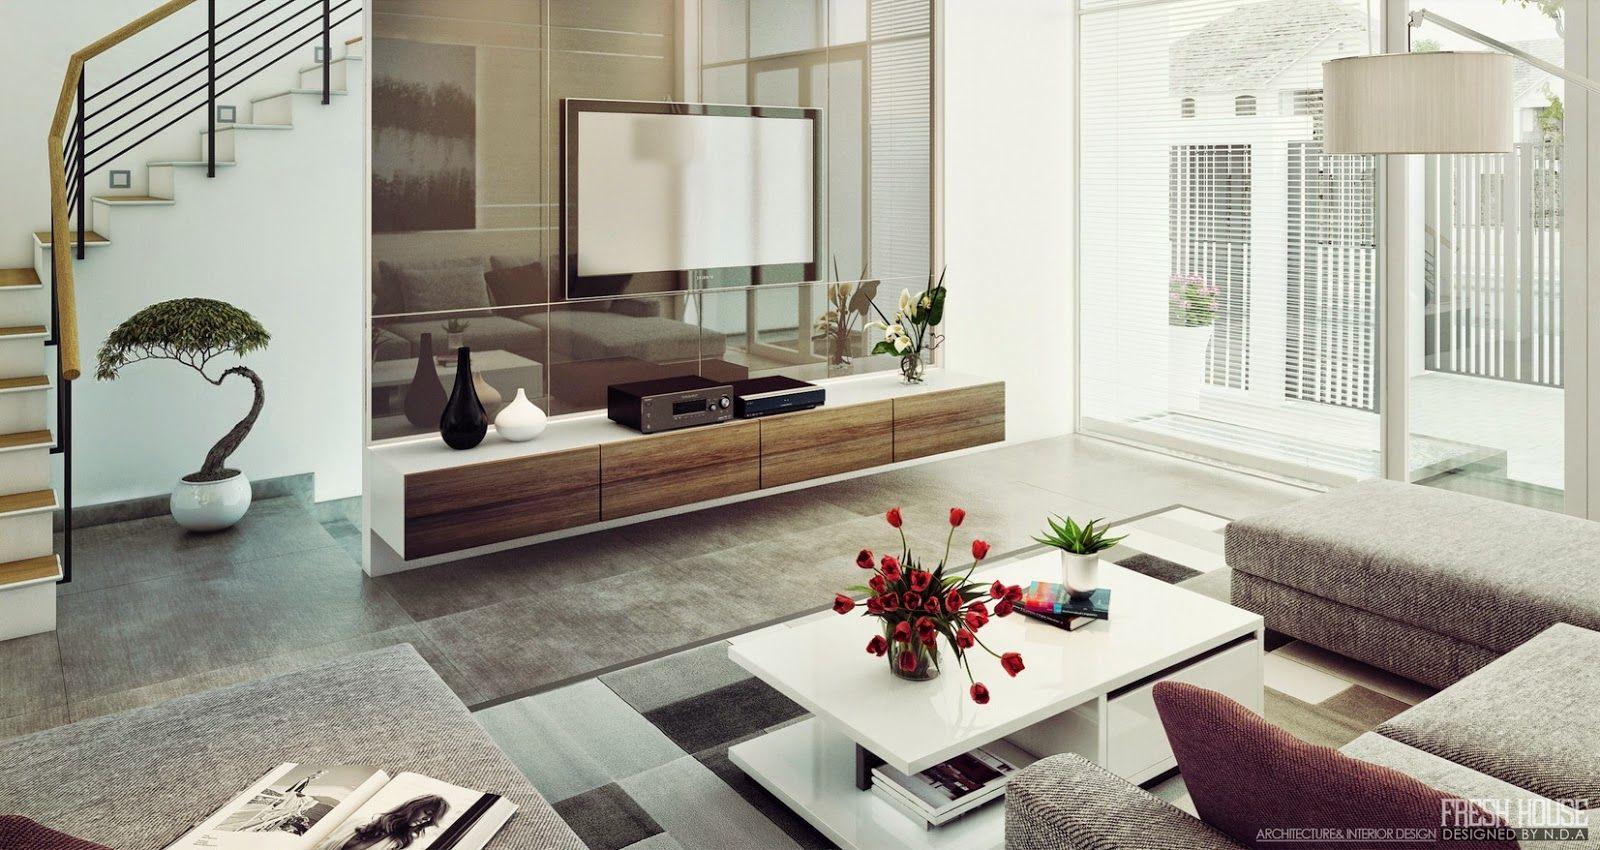 décoration salon sejour tendance 2017 | Tendance 2017 | Pinterest ...